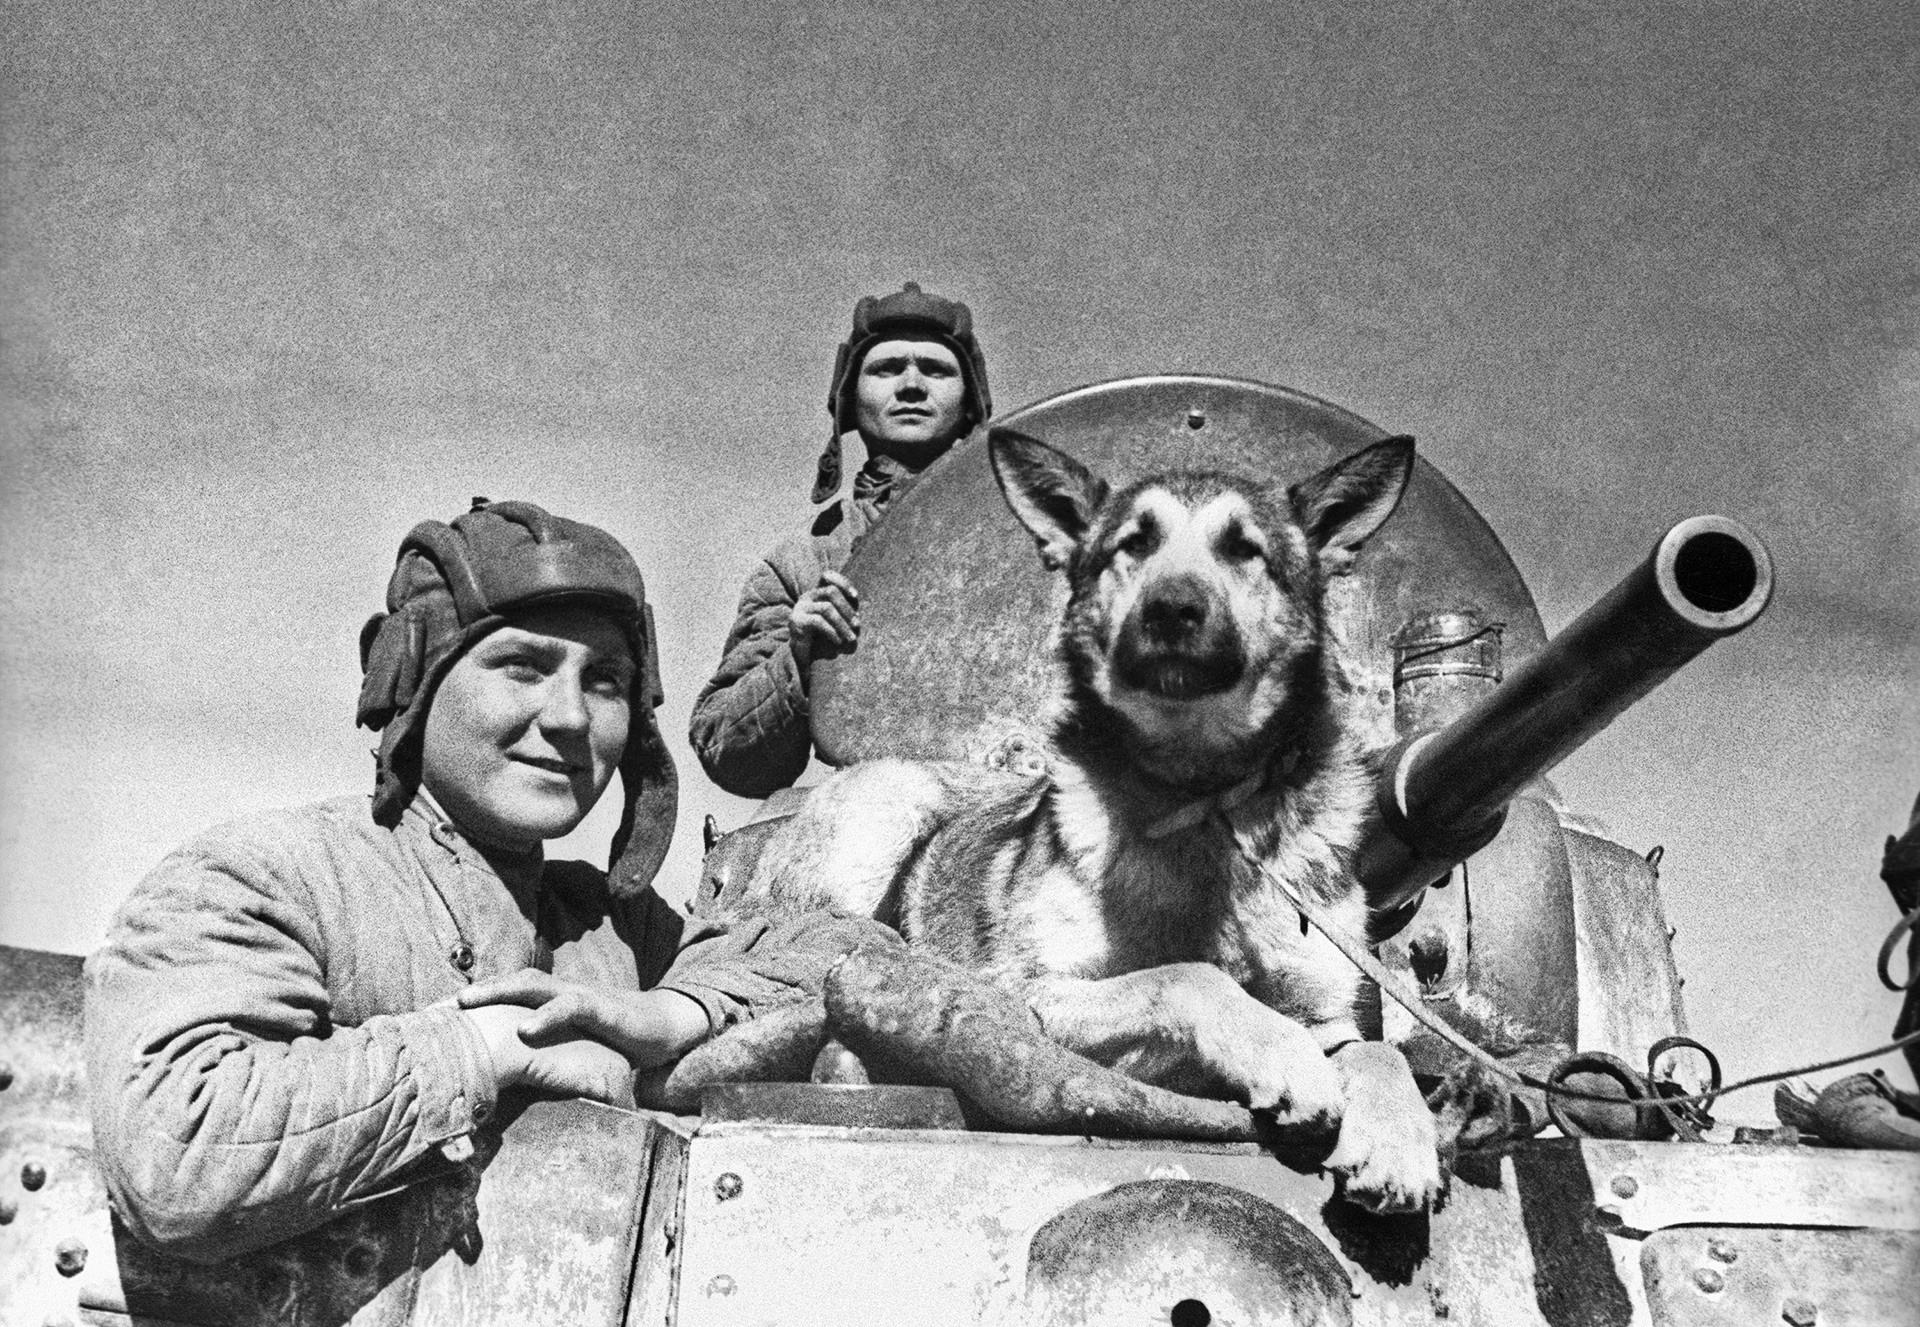 Cachorro foi levado na jaqueta do líder soviético.